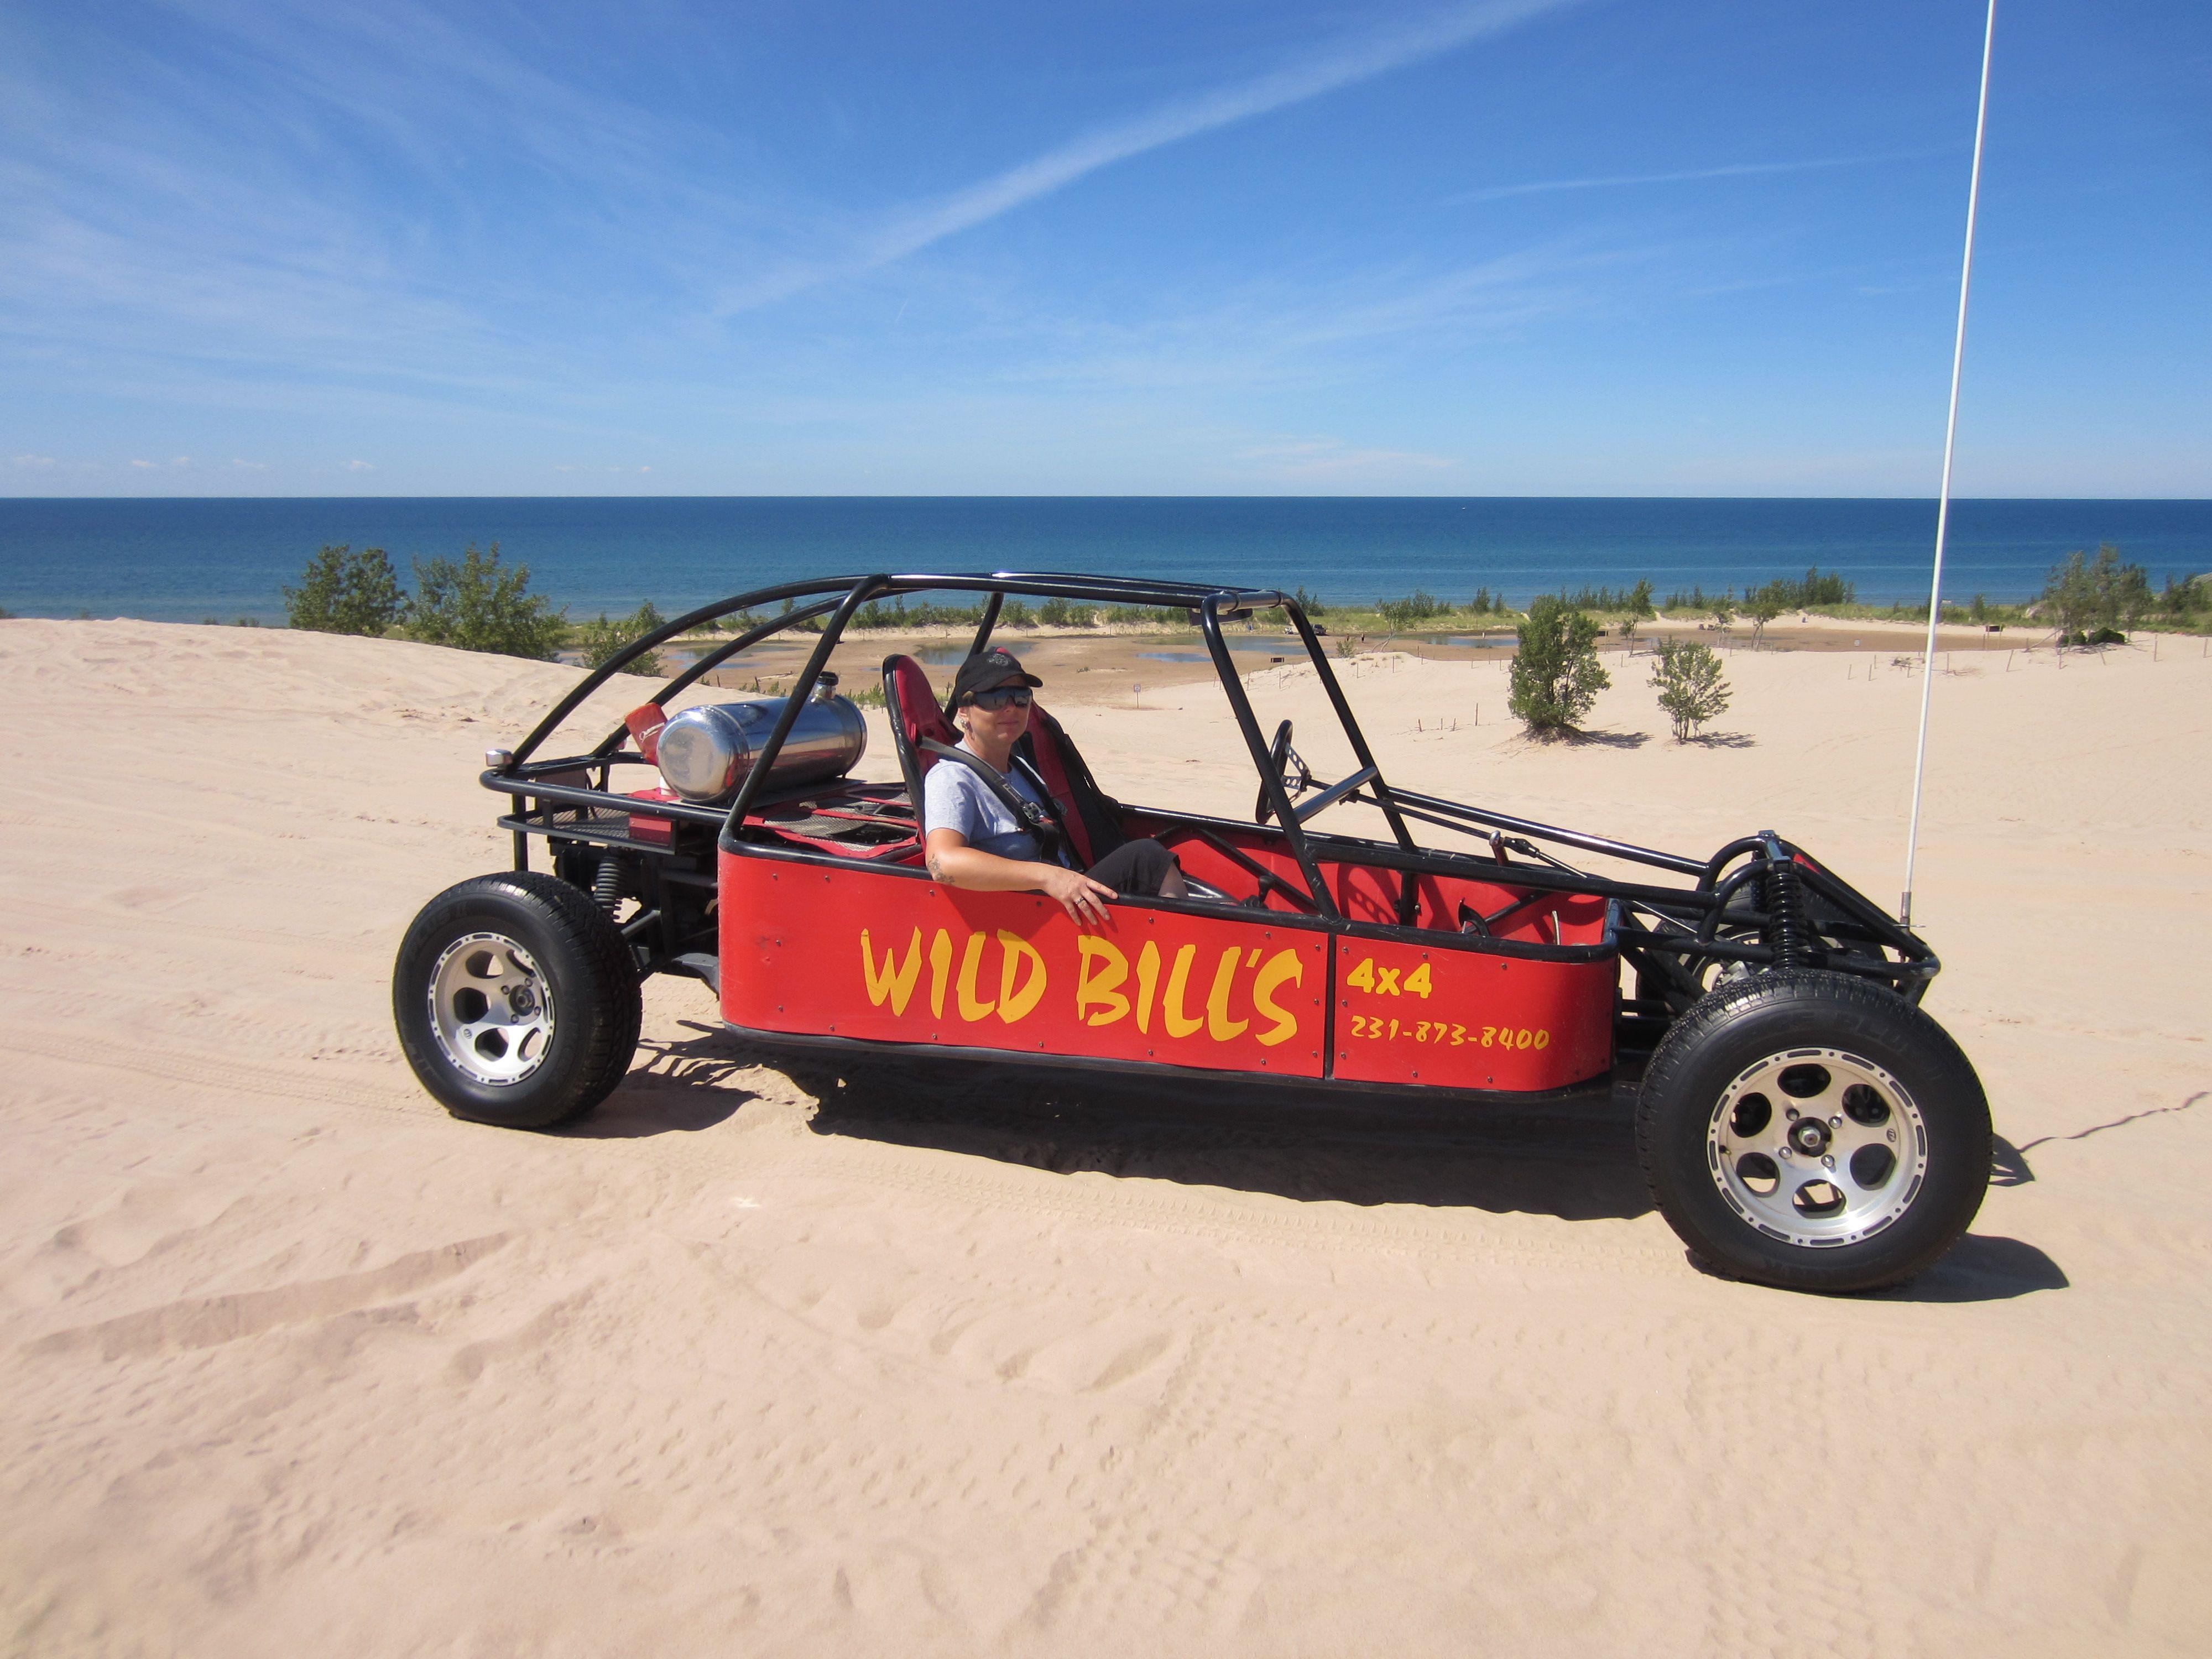 Dune Buggy Rental Wild Bill S At Silver Lake Dunes Lake